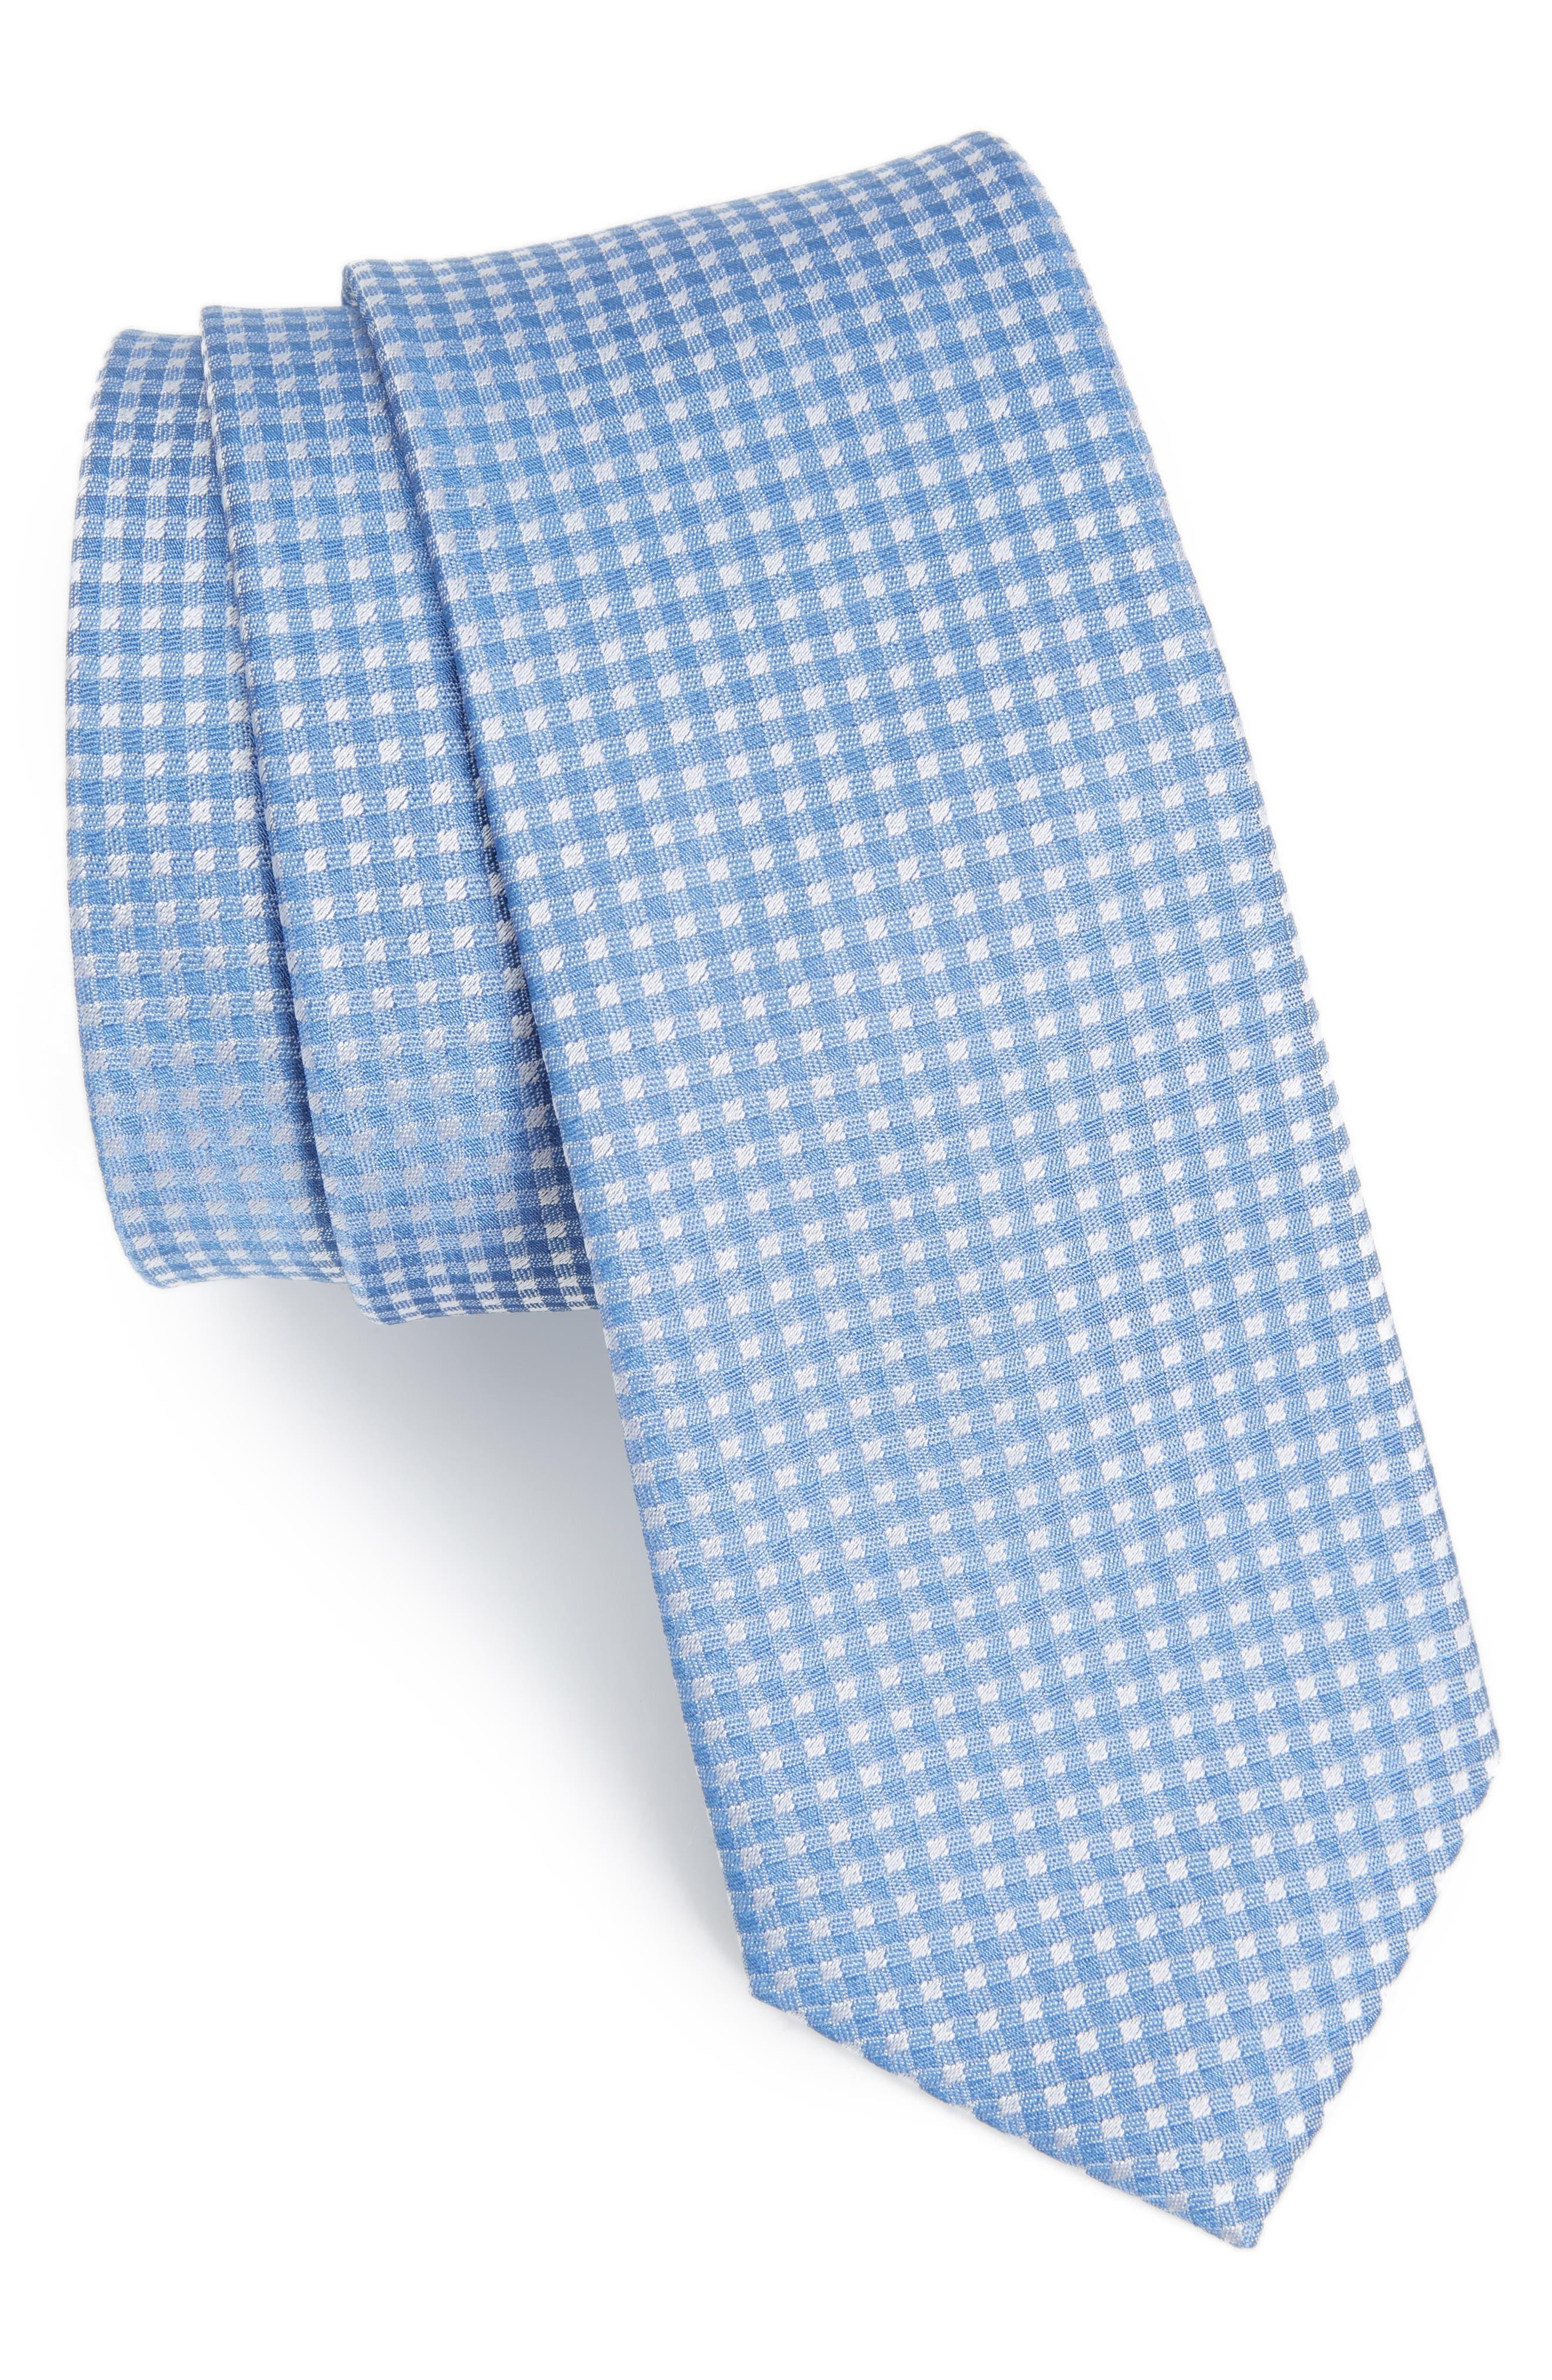 Bedrock Floral Silk Tie,                         Main,                         color, 700